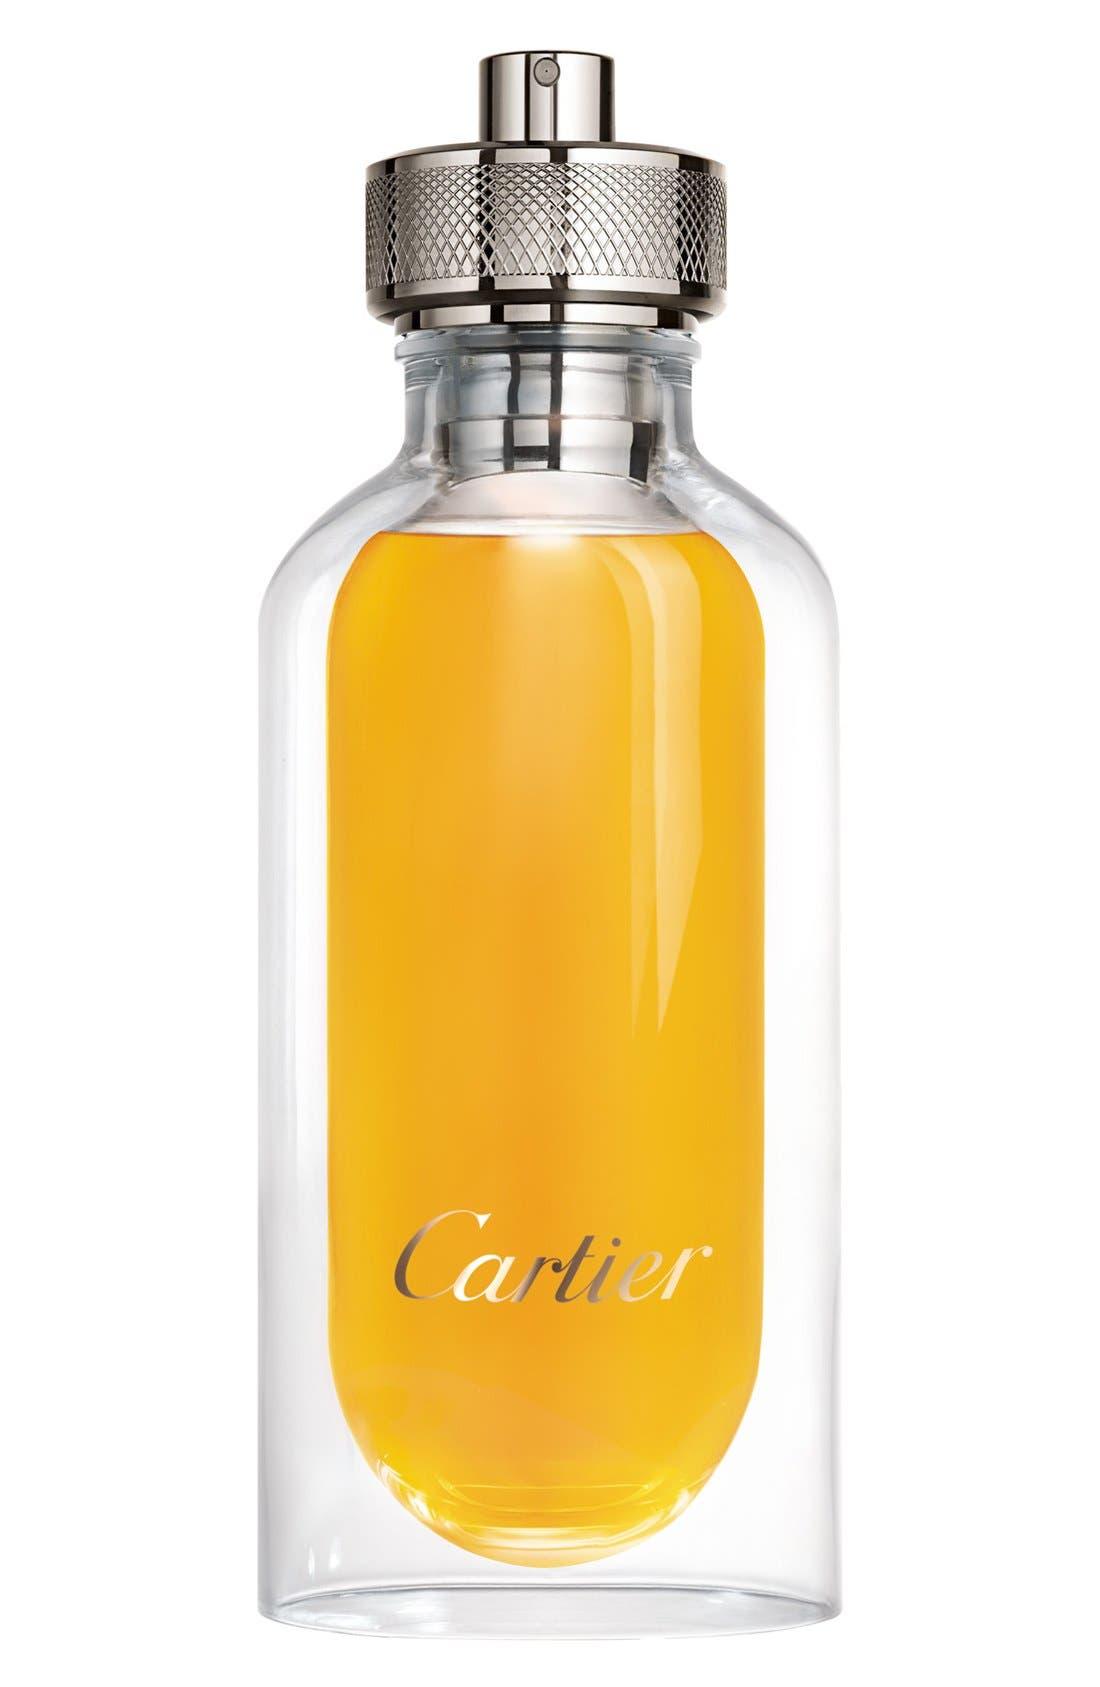 Cartier 'L'Envol de Cartier' Refillable Eau de Parfum